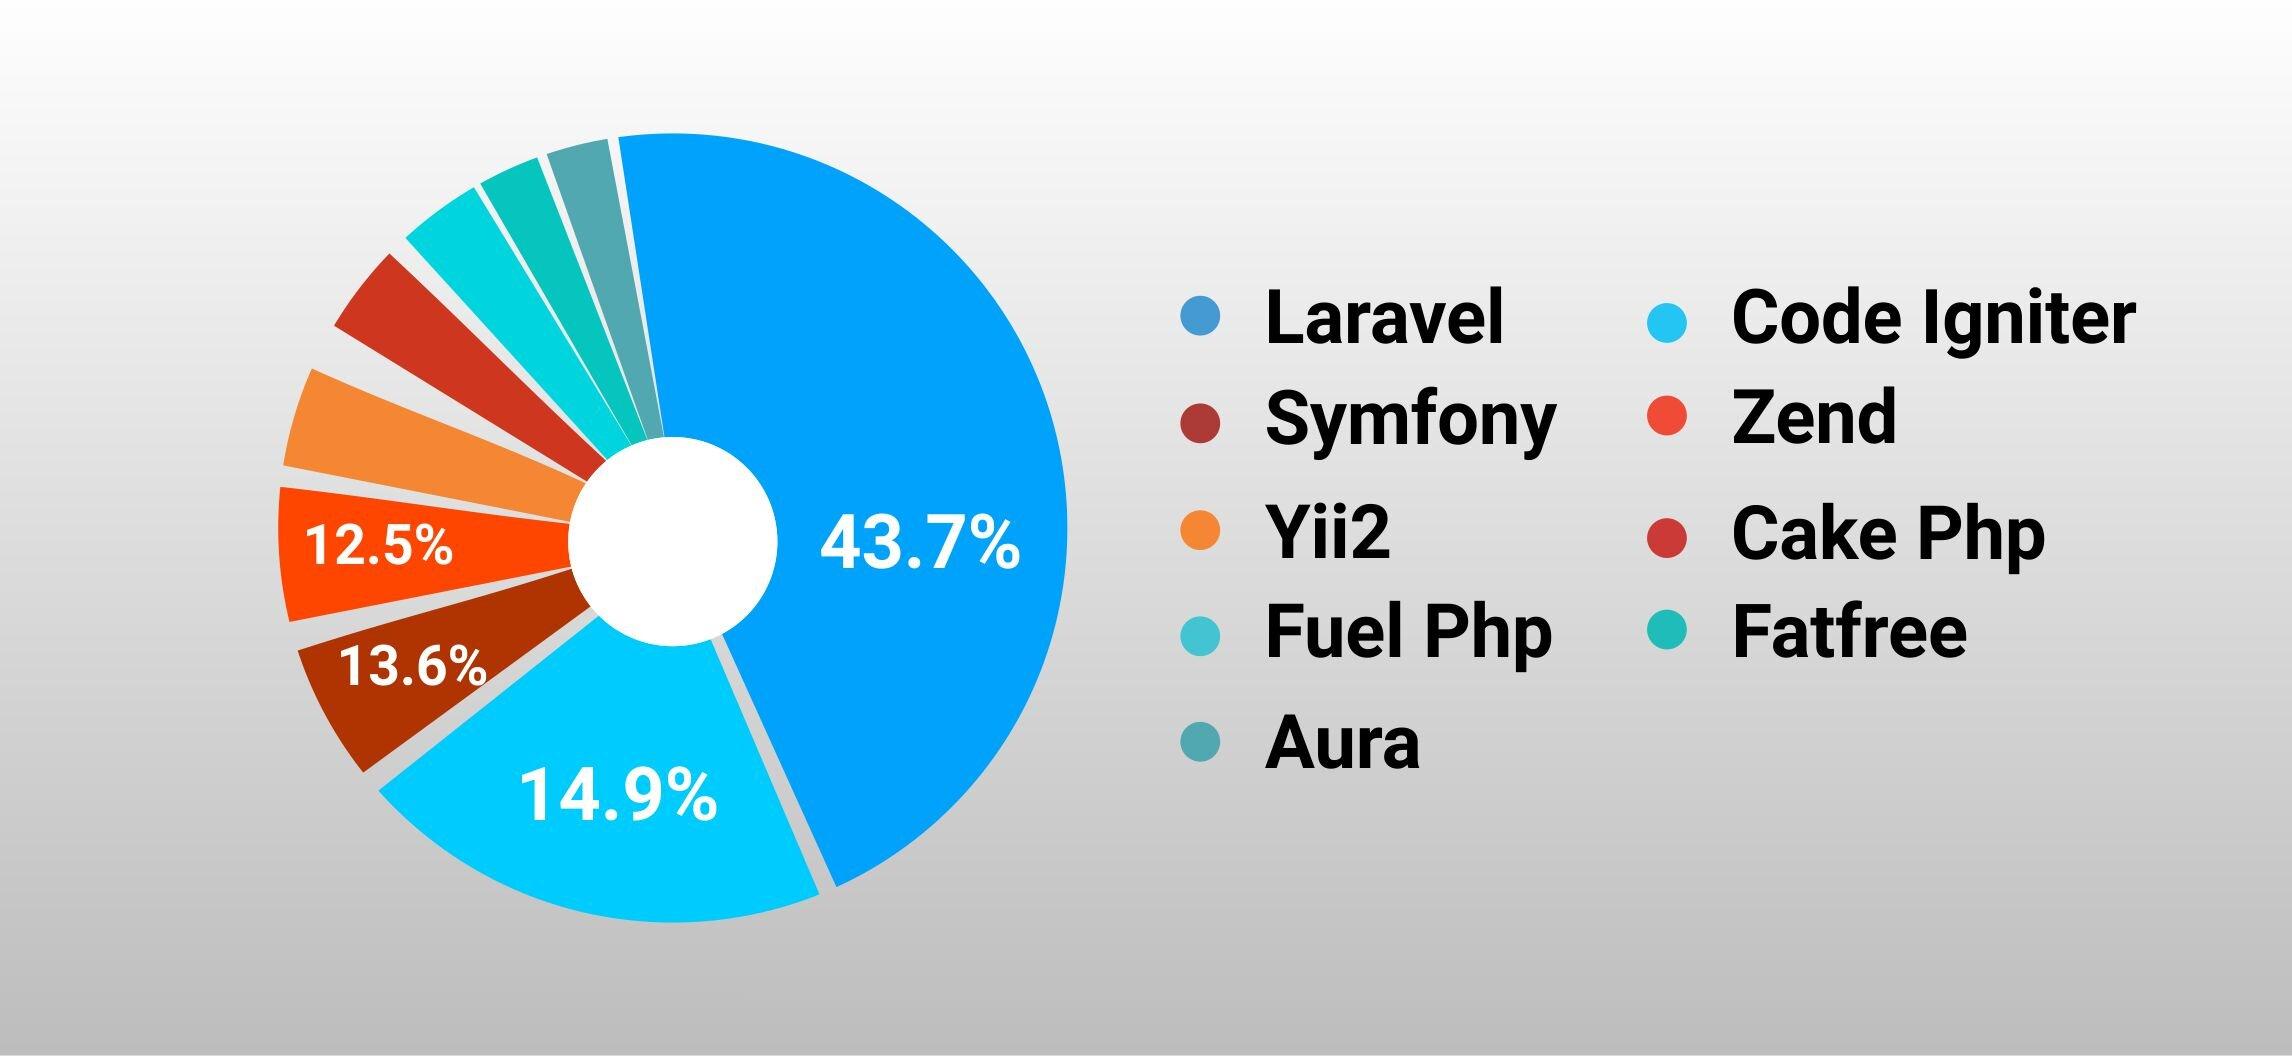 laravel developers for hire